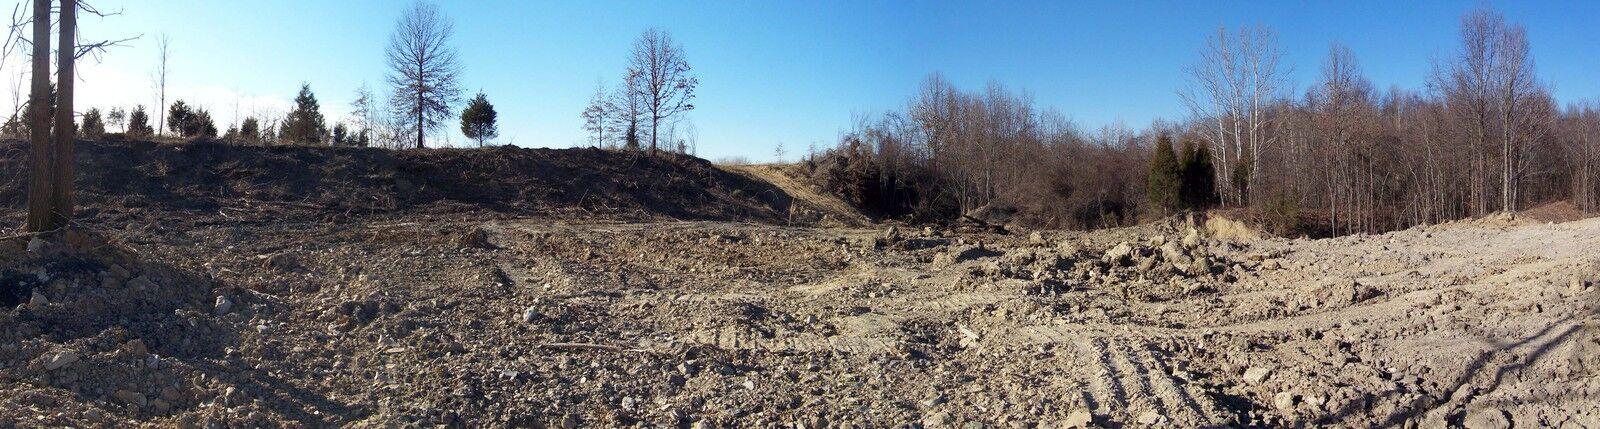 Heart Land Fossils